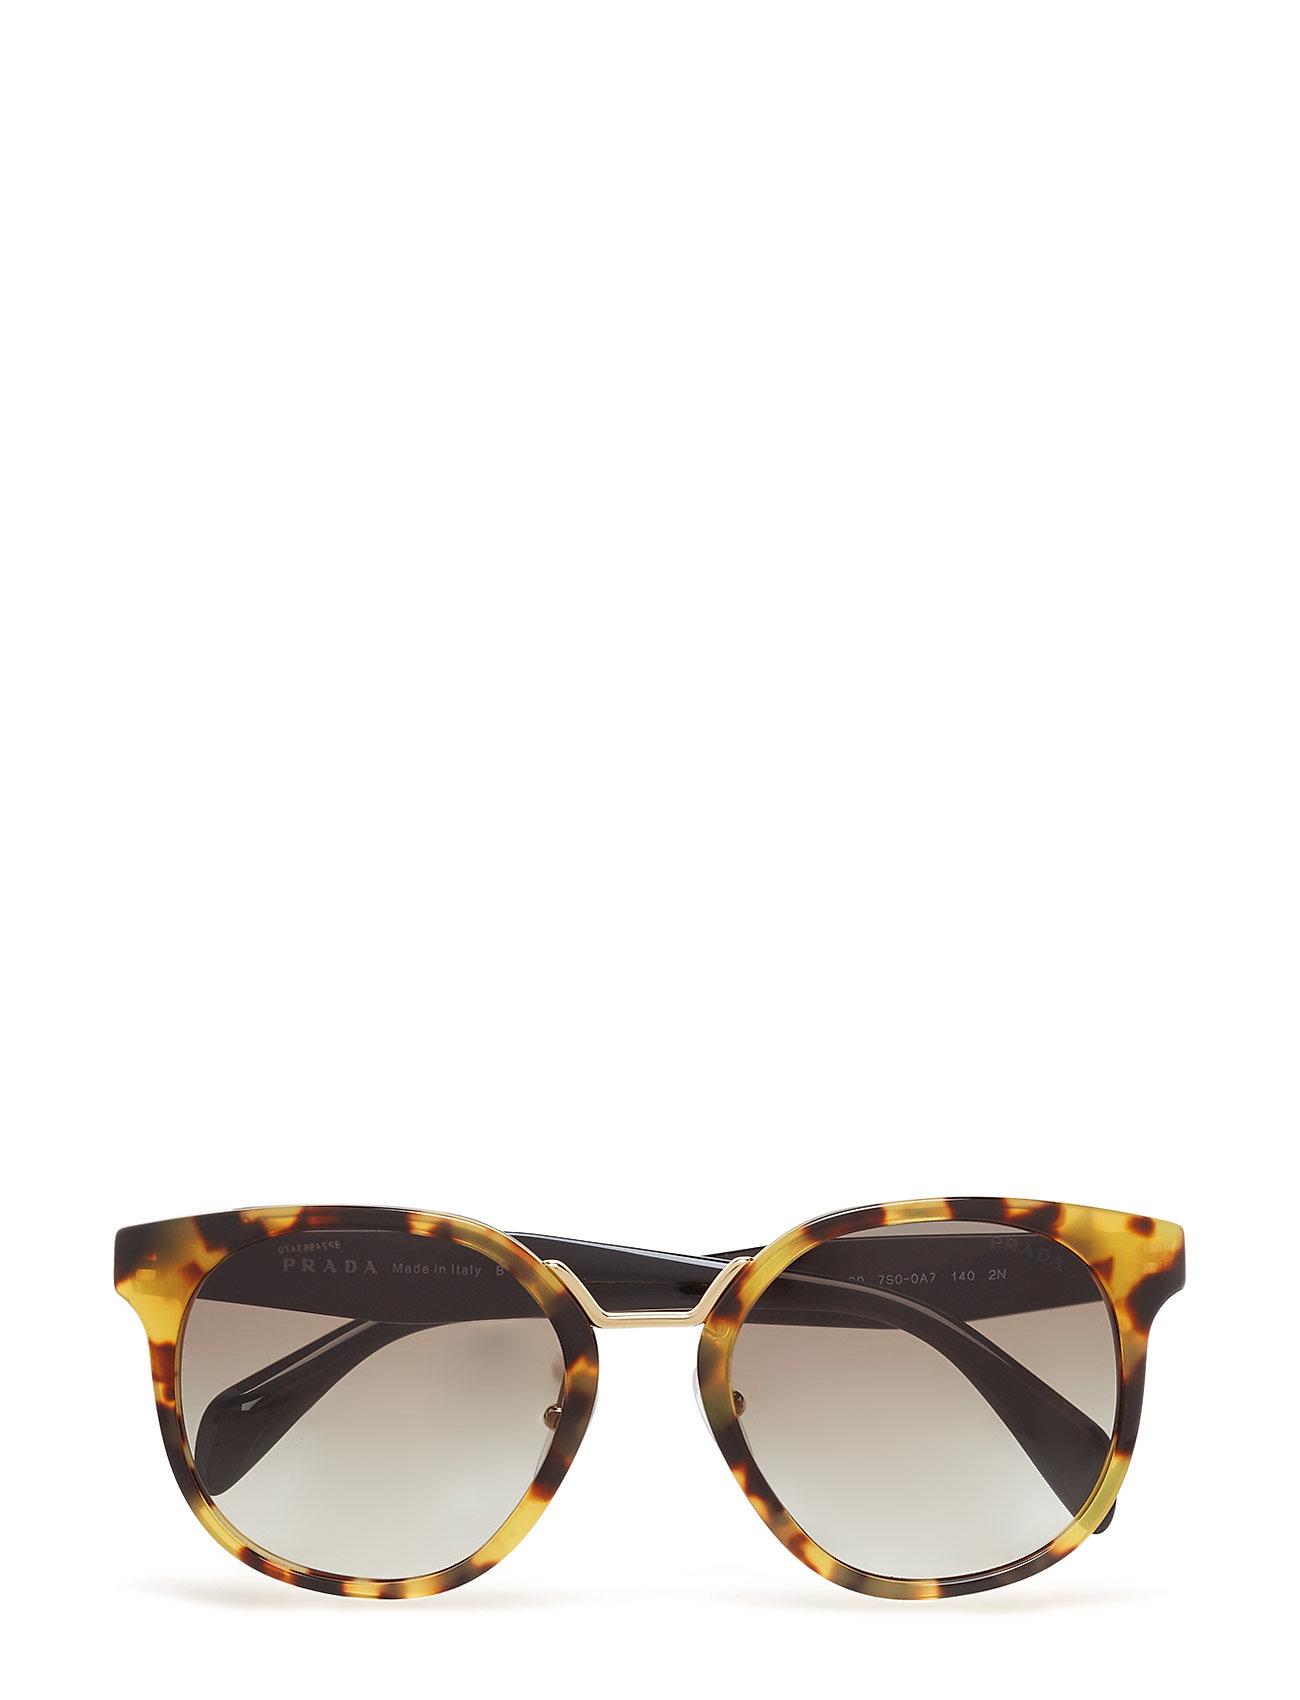 Not Defined Prada Sunglasses Solbriller til Kvinder i